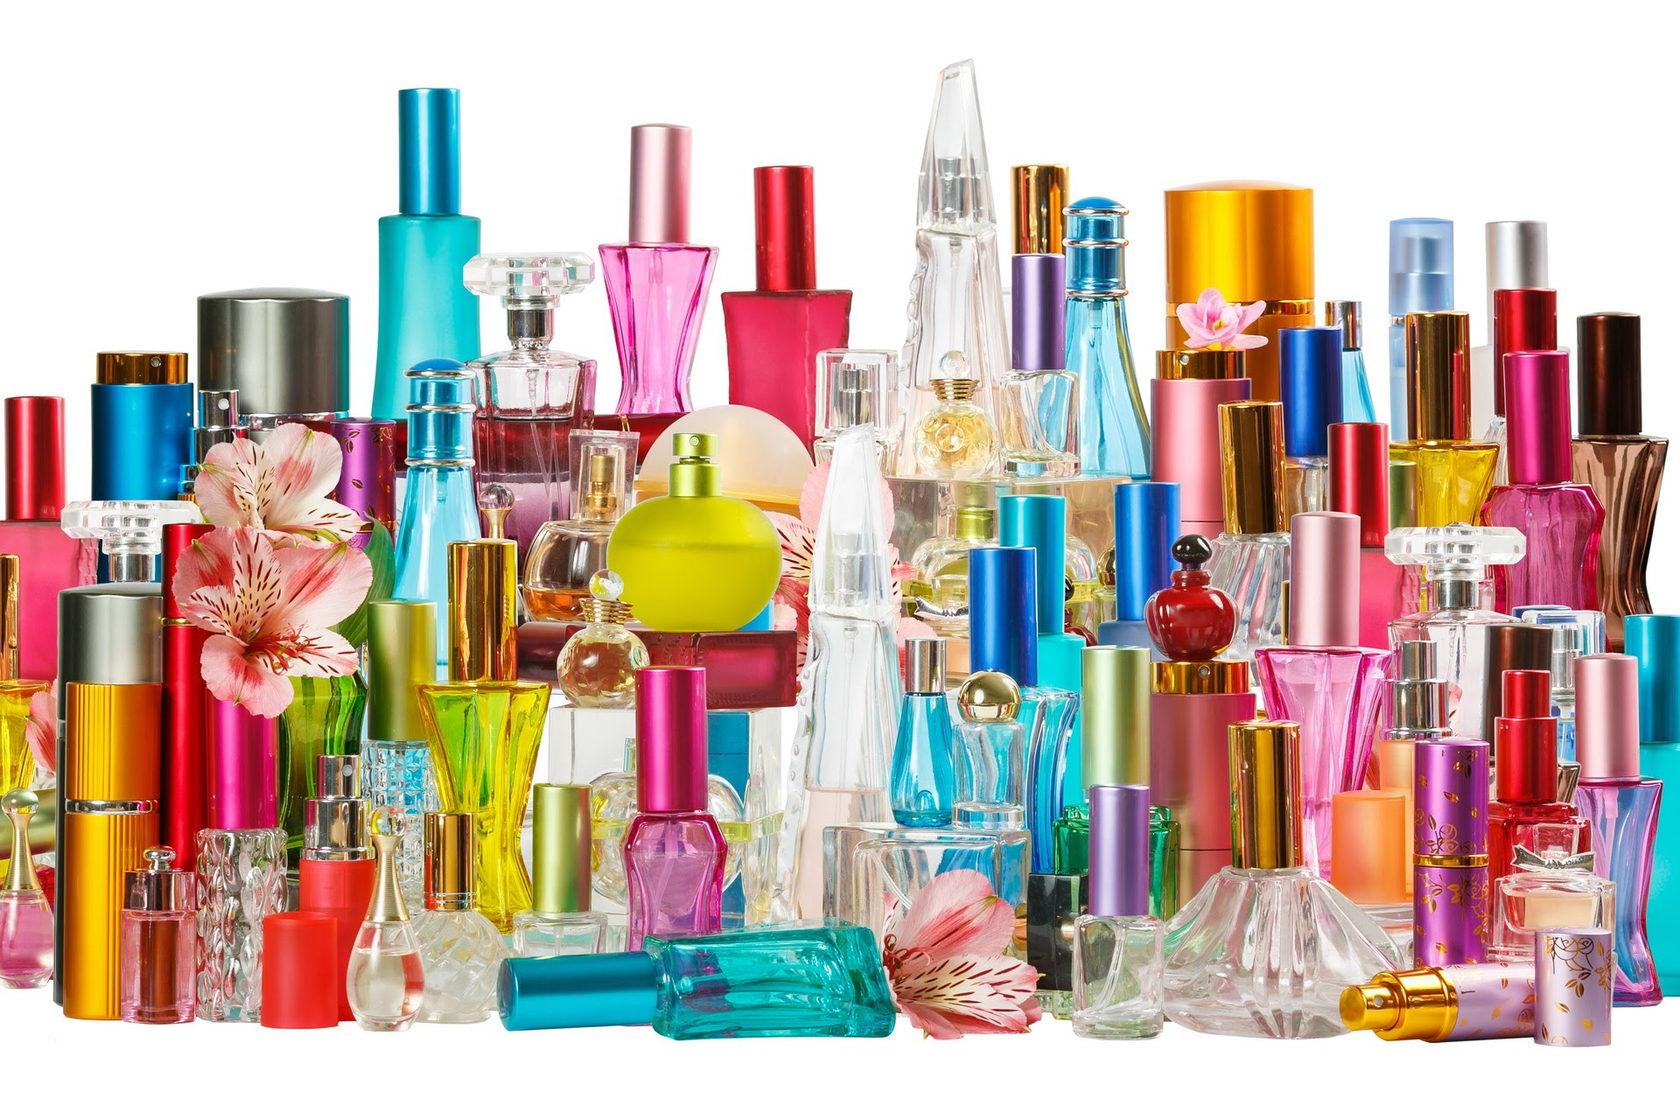 Косметика и парфюмерия интернет купить косметика тианде где купить